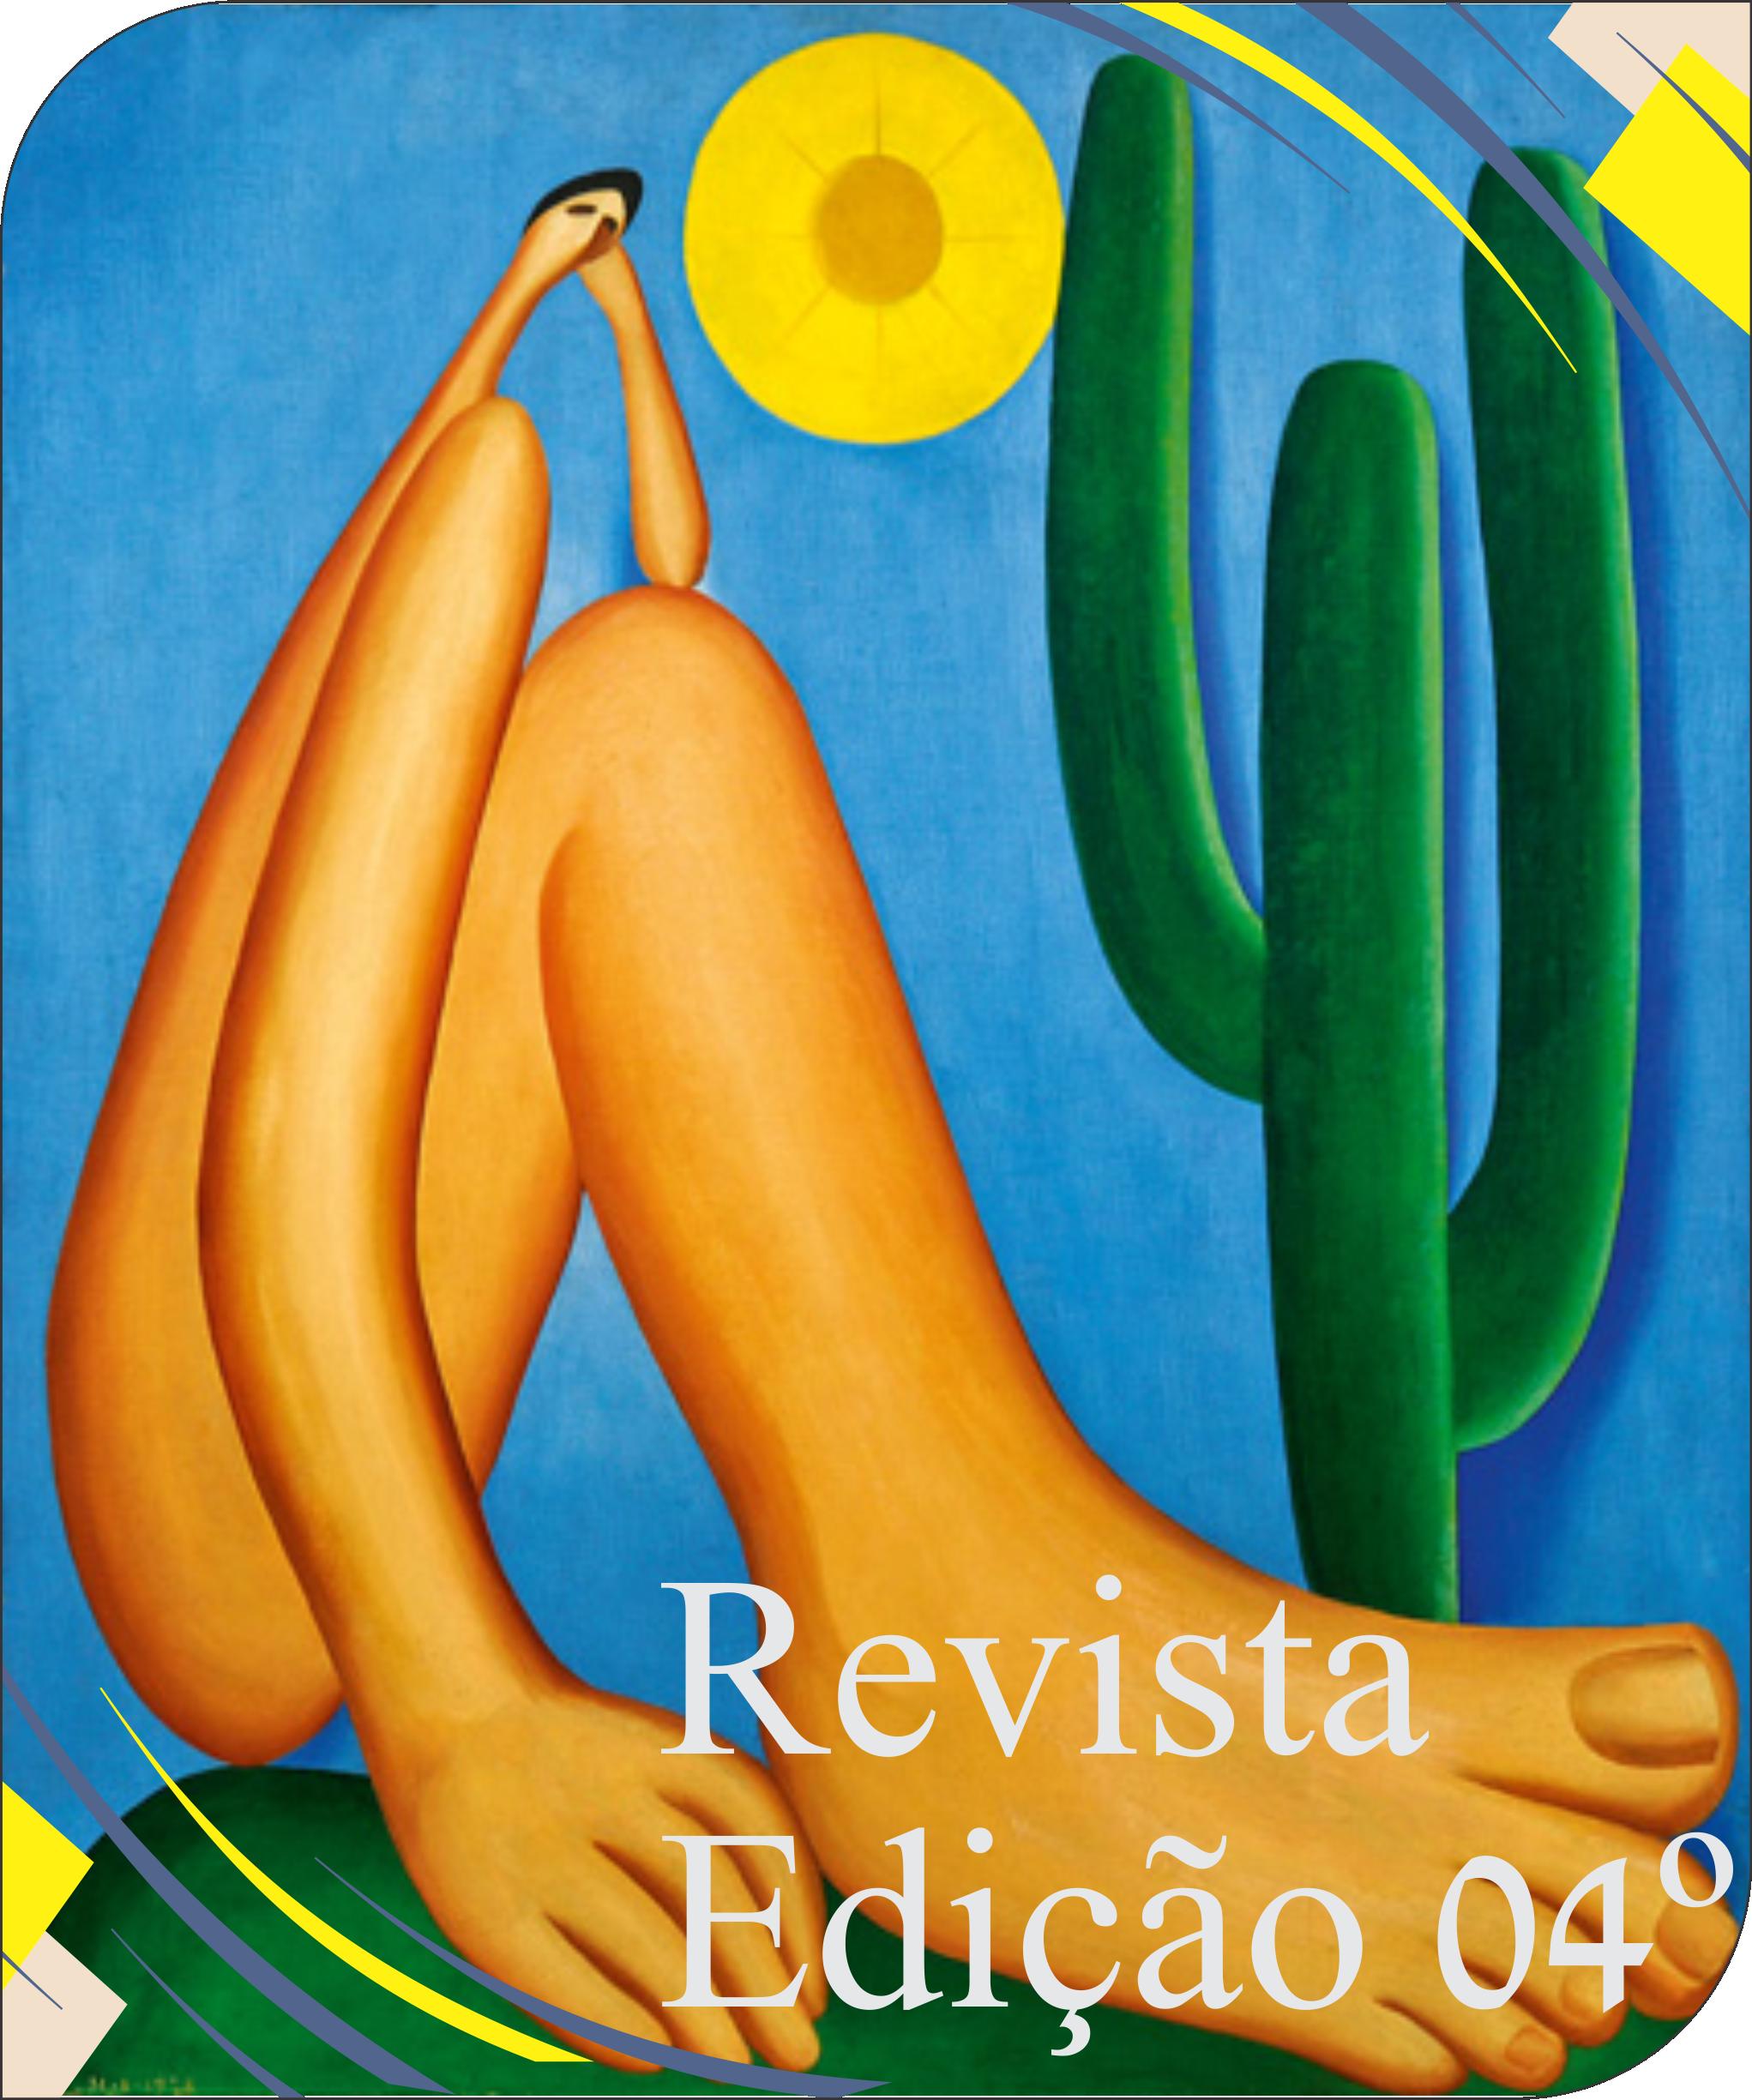 Revista Santa Rita – Edição 04